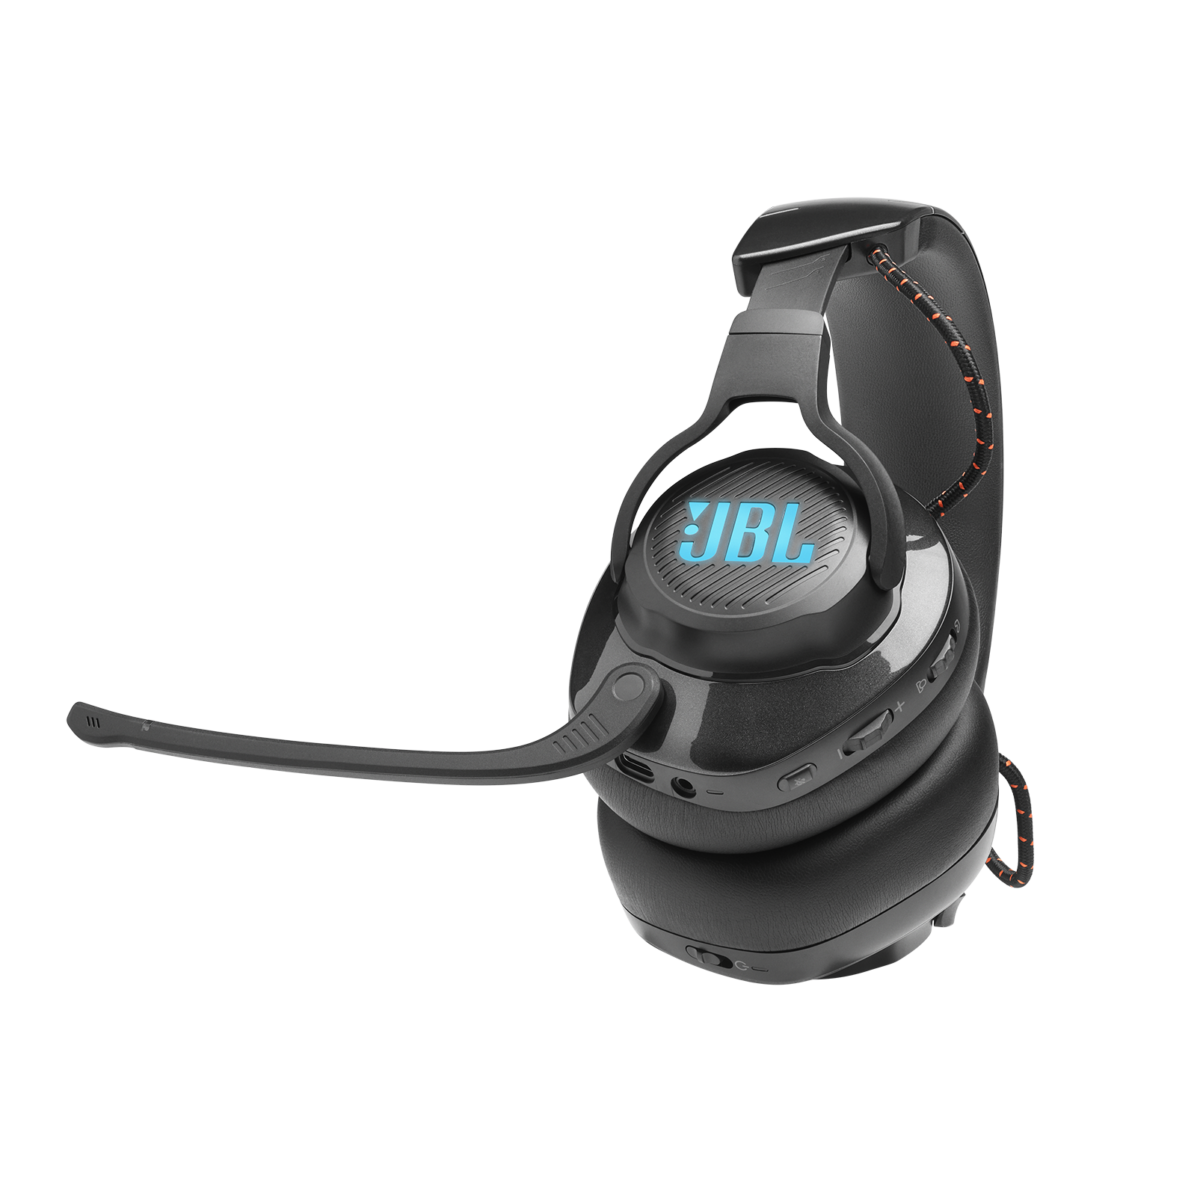 JBL QUANTUM 600 Product Image Detail Teal